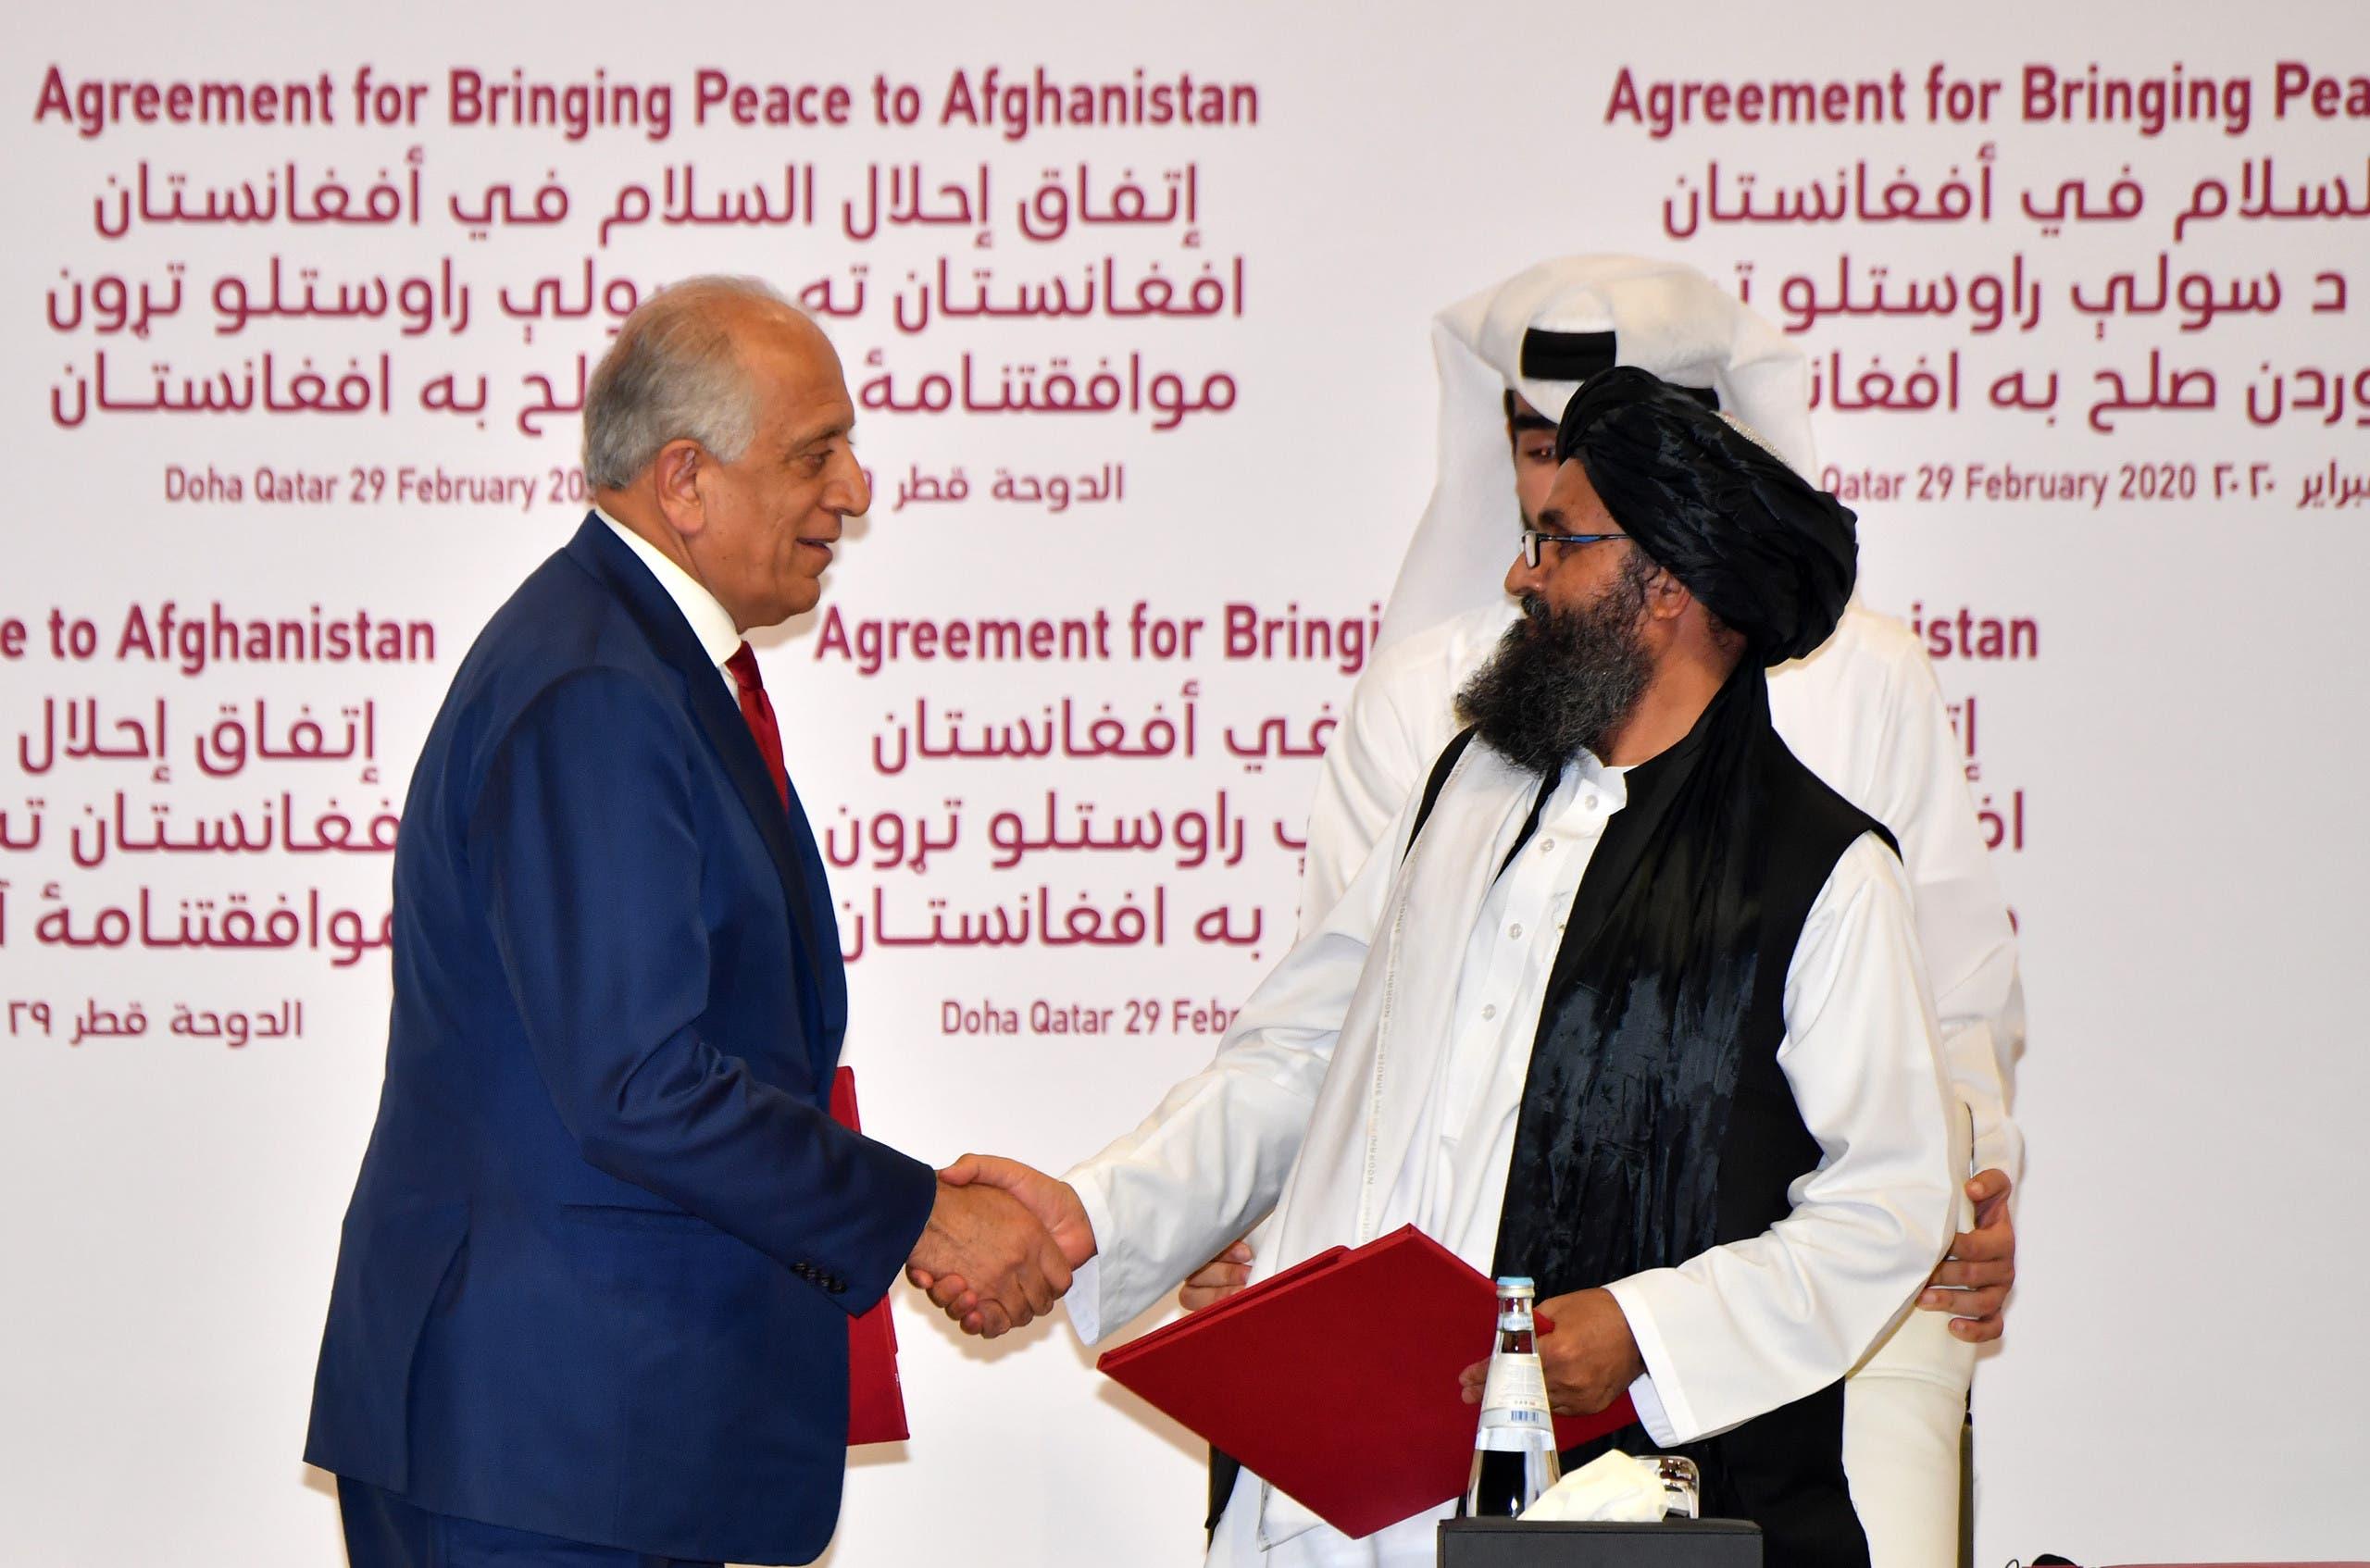 زلماي خليل زاد  يصافح أحد كبار مسؤولي طالبان خلال توقيع الاتفاق في الدوحة في فبراير الماضي